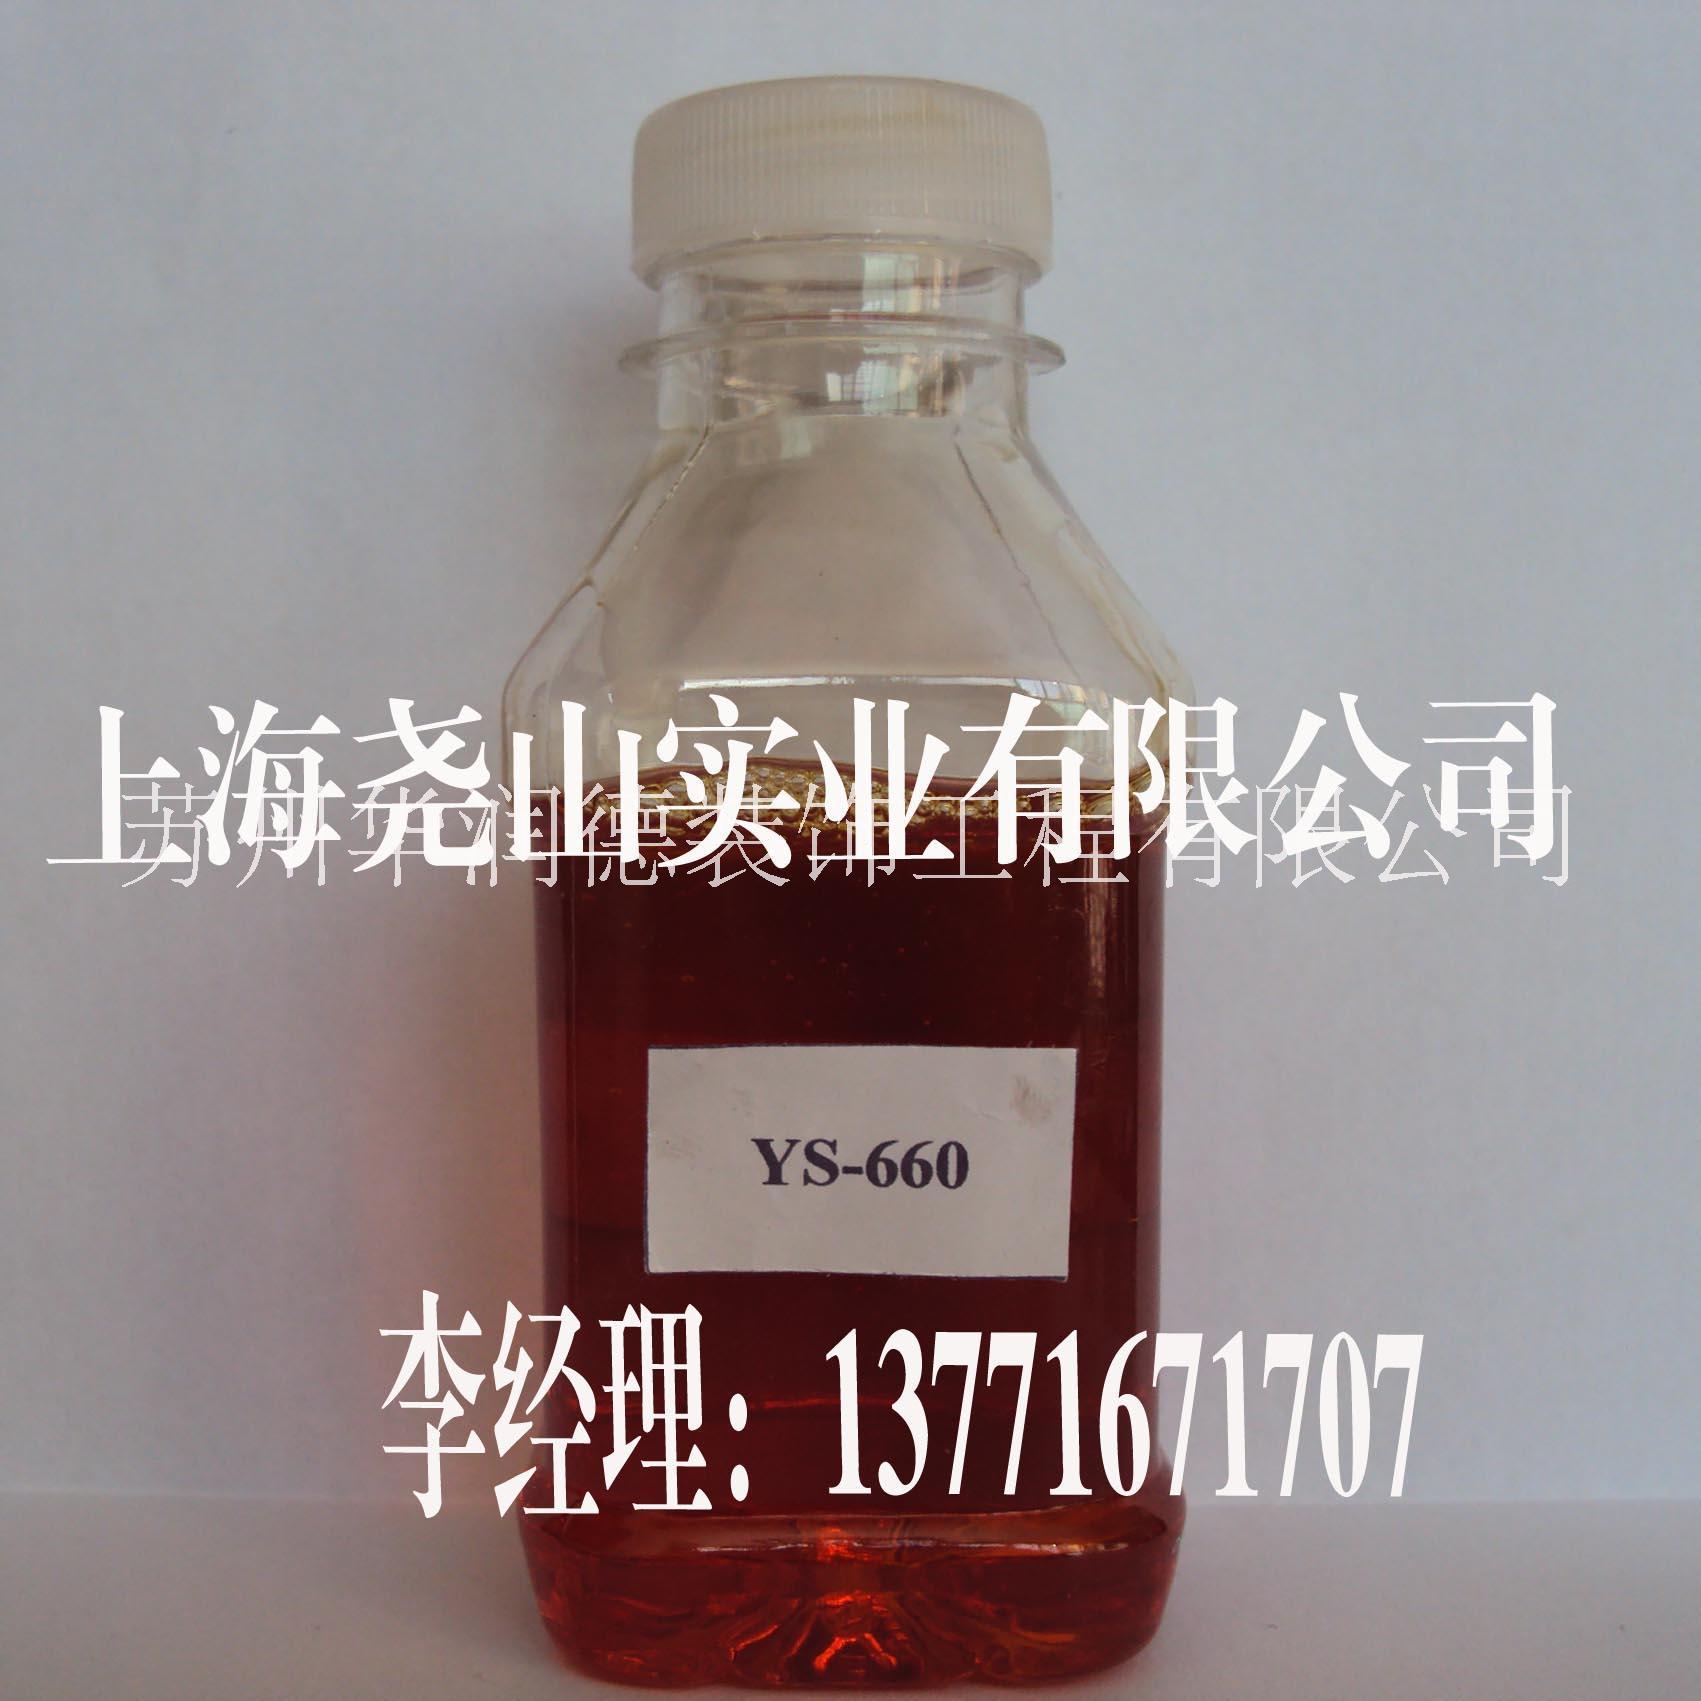 调色中底涂环氧树脂固化剂660 调色中底涂固化剂